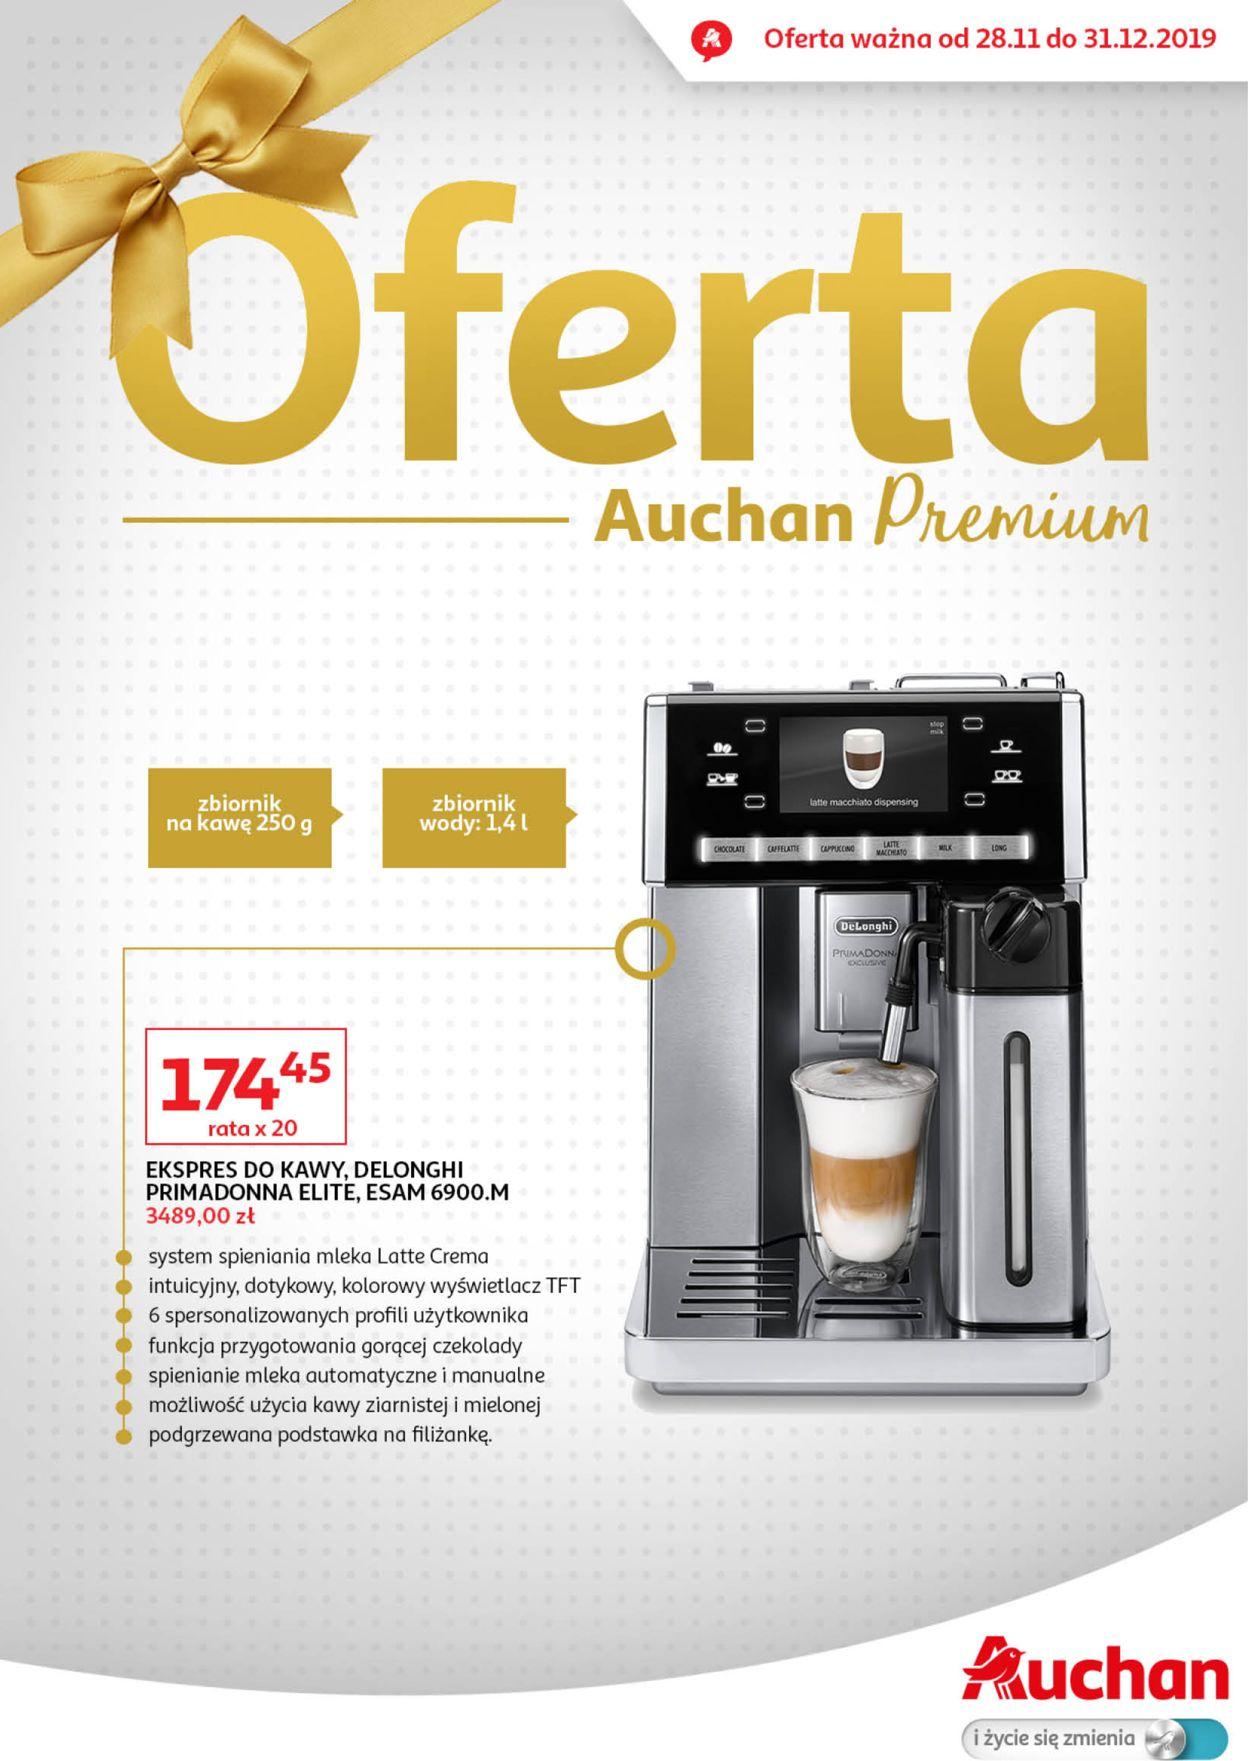 Gazetka promocyjna Auchan - 28.11-31.12.2019